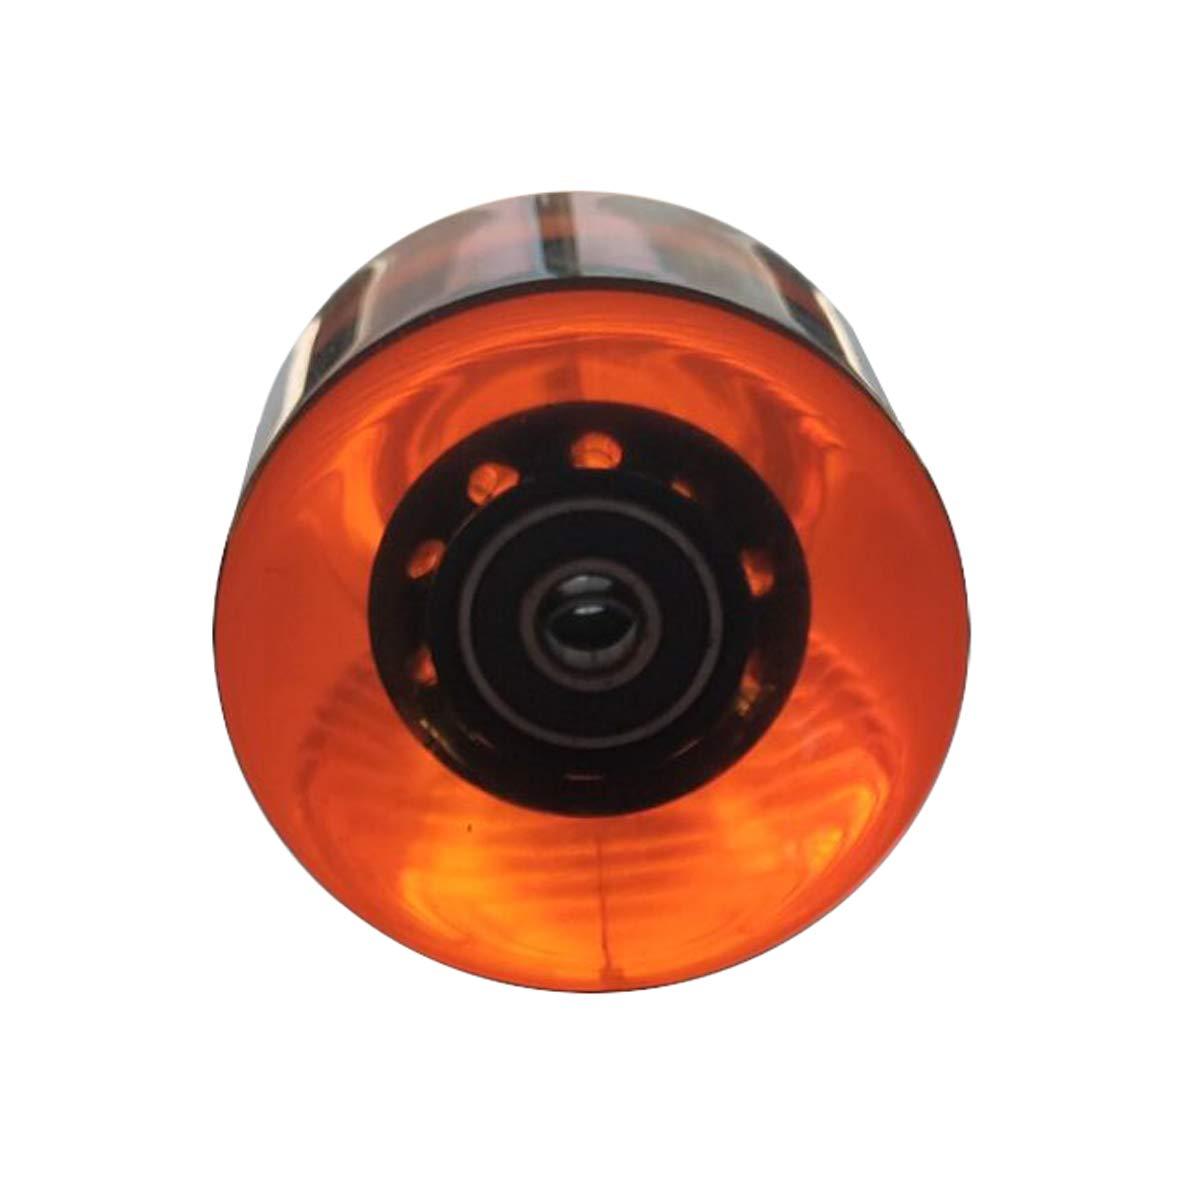 Juego de 4 ruedas transparentes transparentes para monopatín de 59 mm Incluye 8 piezas ABEC 9 rulemanes Rueda de crucero